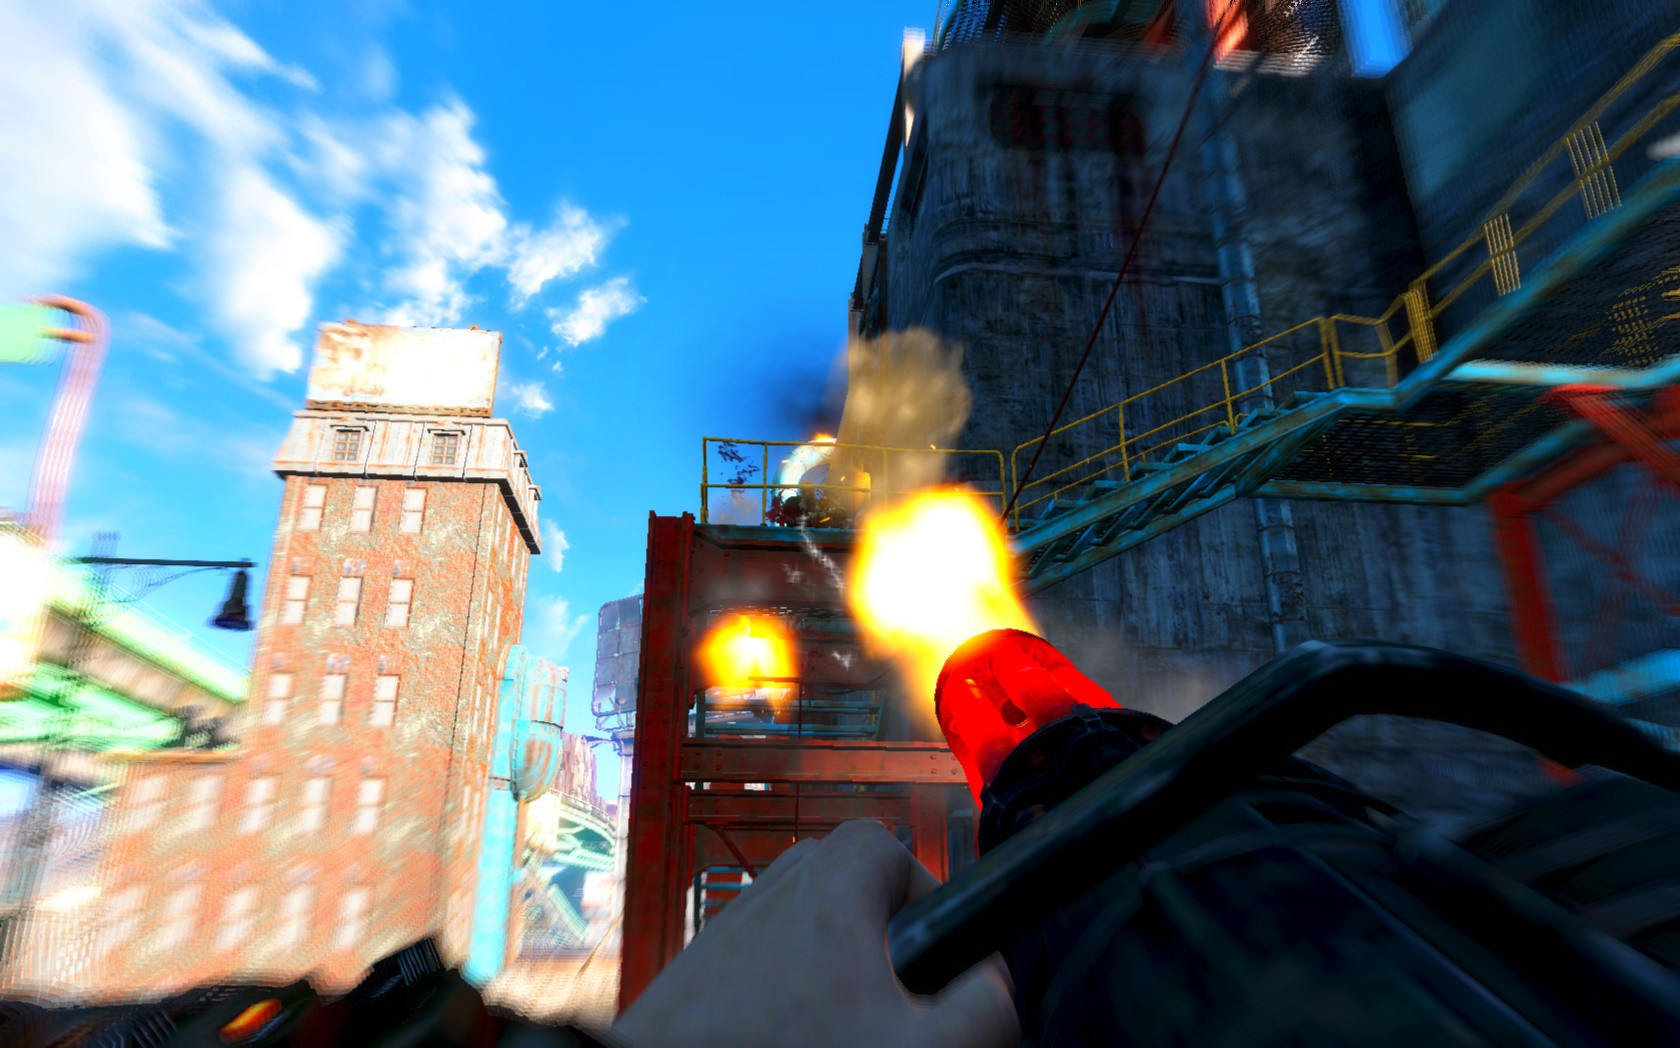 Замедление времени ☢ Bullet Time ☢ v0.7 для Fallout 4 - Скриншот 3